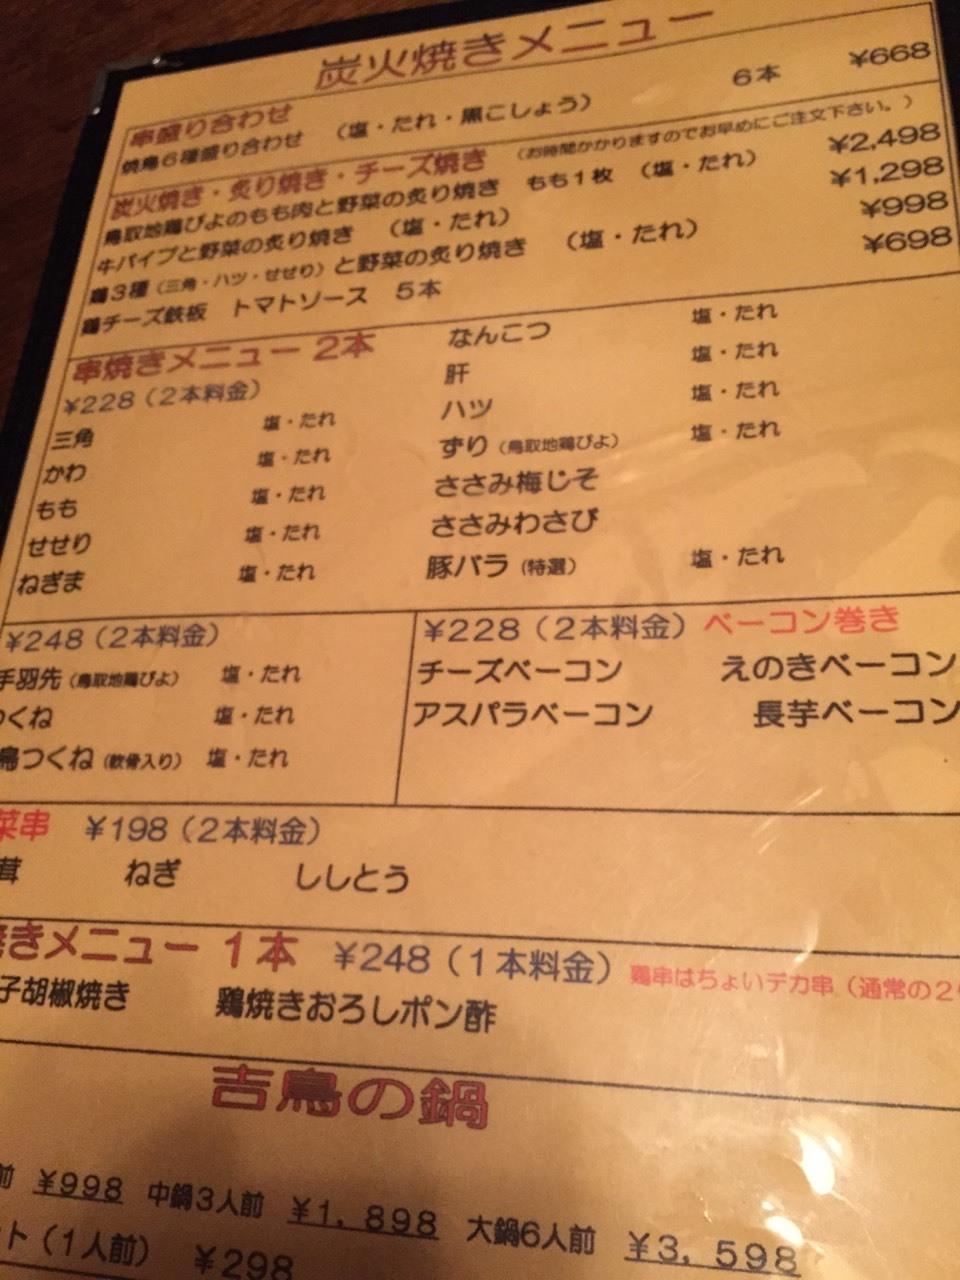 炙り焼きダイニング炭屋吉鳥   青野前夜祭_e0115904_10530794.jpg